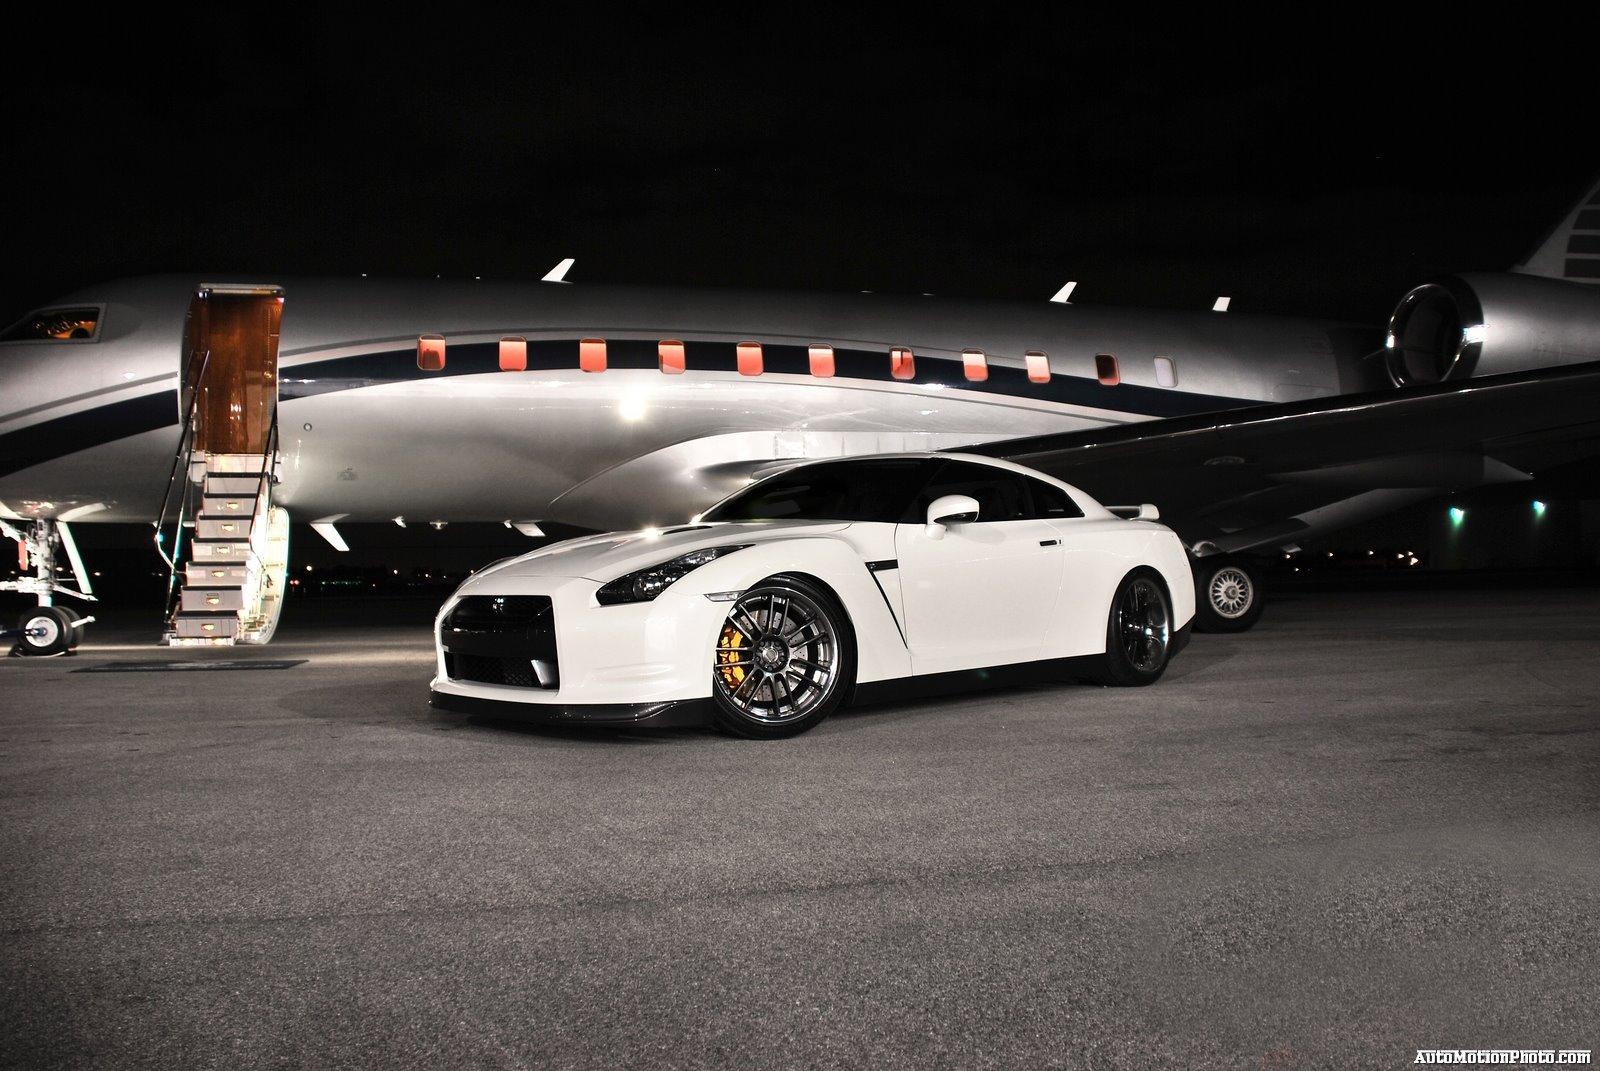 http://1.bp.blogspot.com/_JpAzjGpfpp0/TOshqSu6olI/AAAAAAAAA3Q/4vEQnS7m2zU/s1600/nissan-skyline-gtr-side-white.jpg